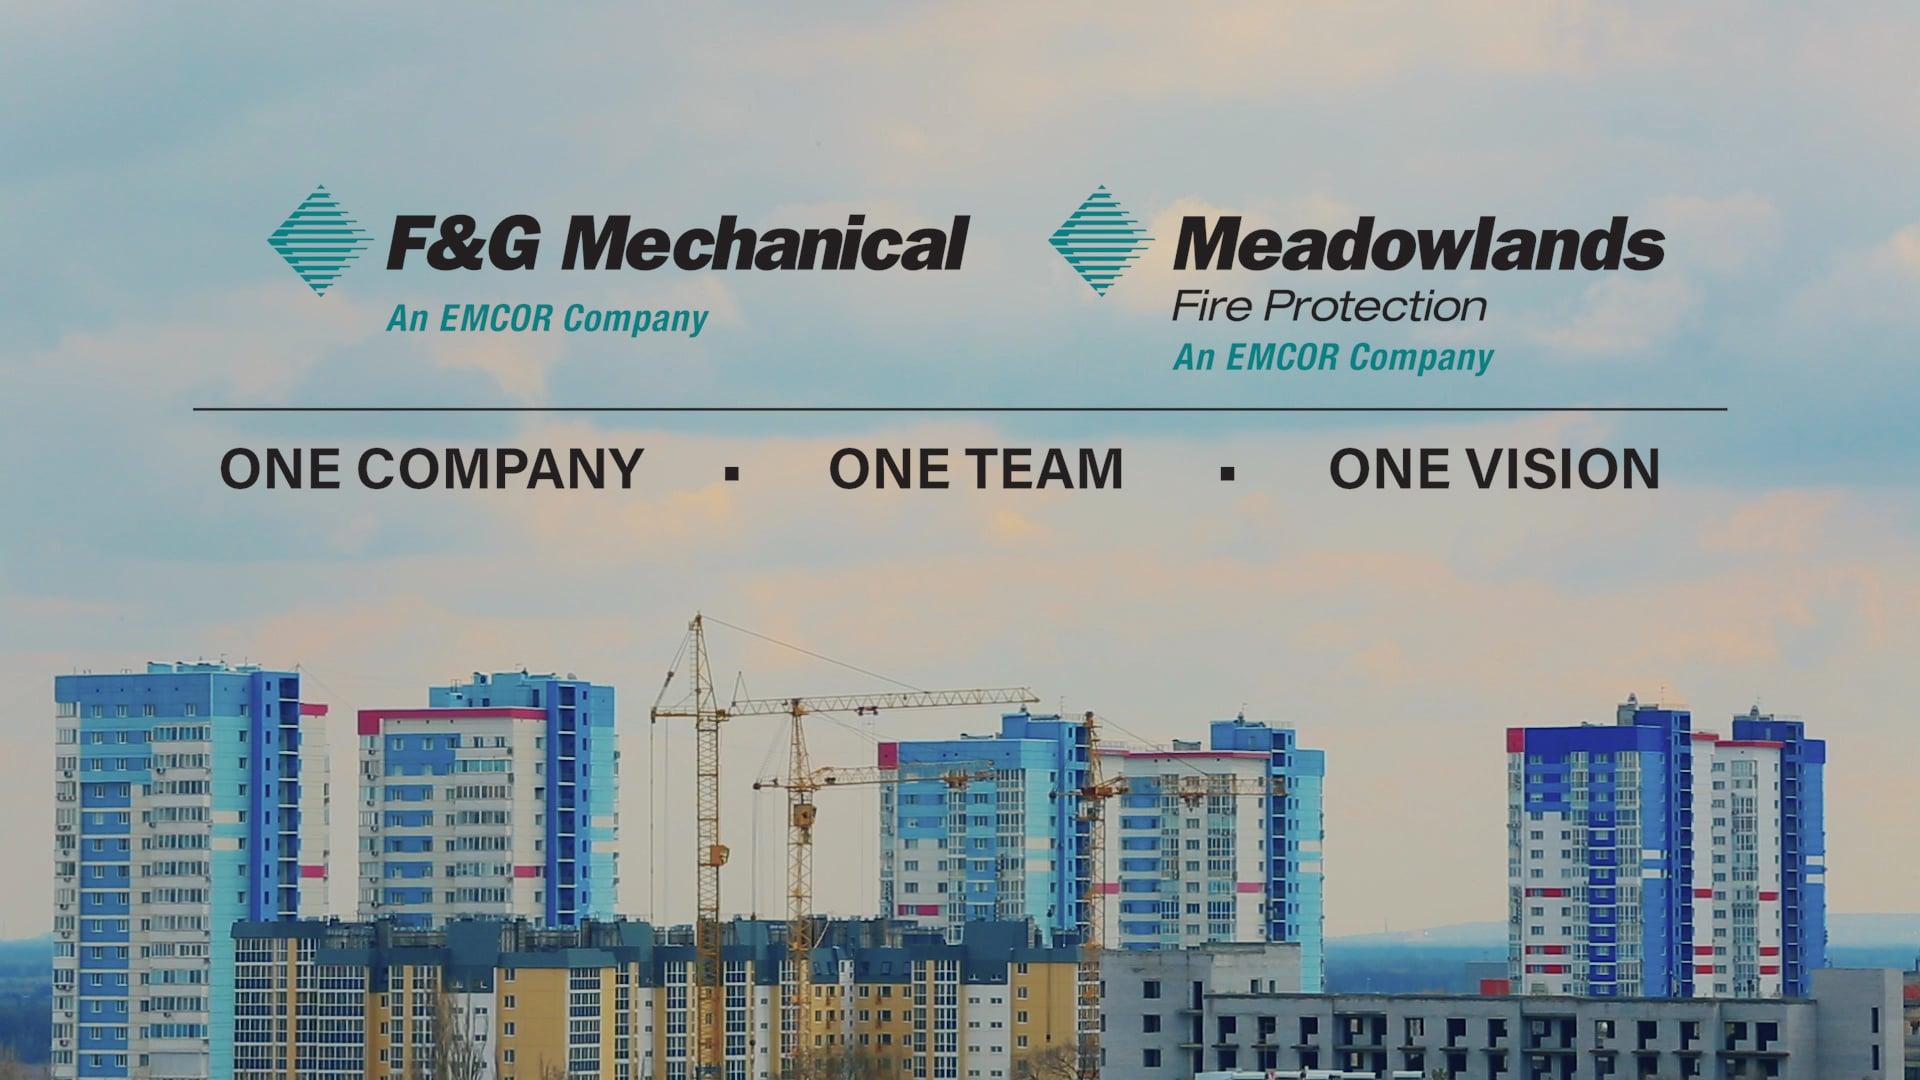 F&G Mechanical